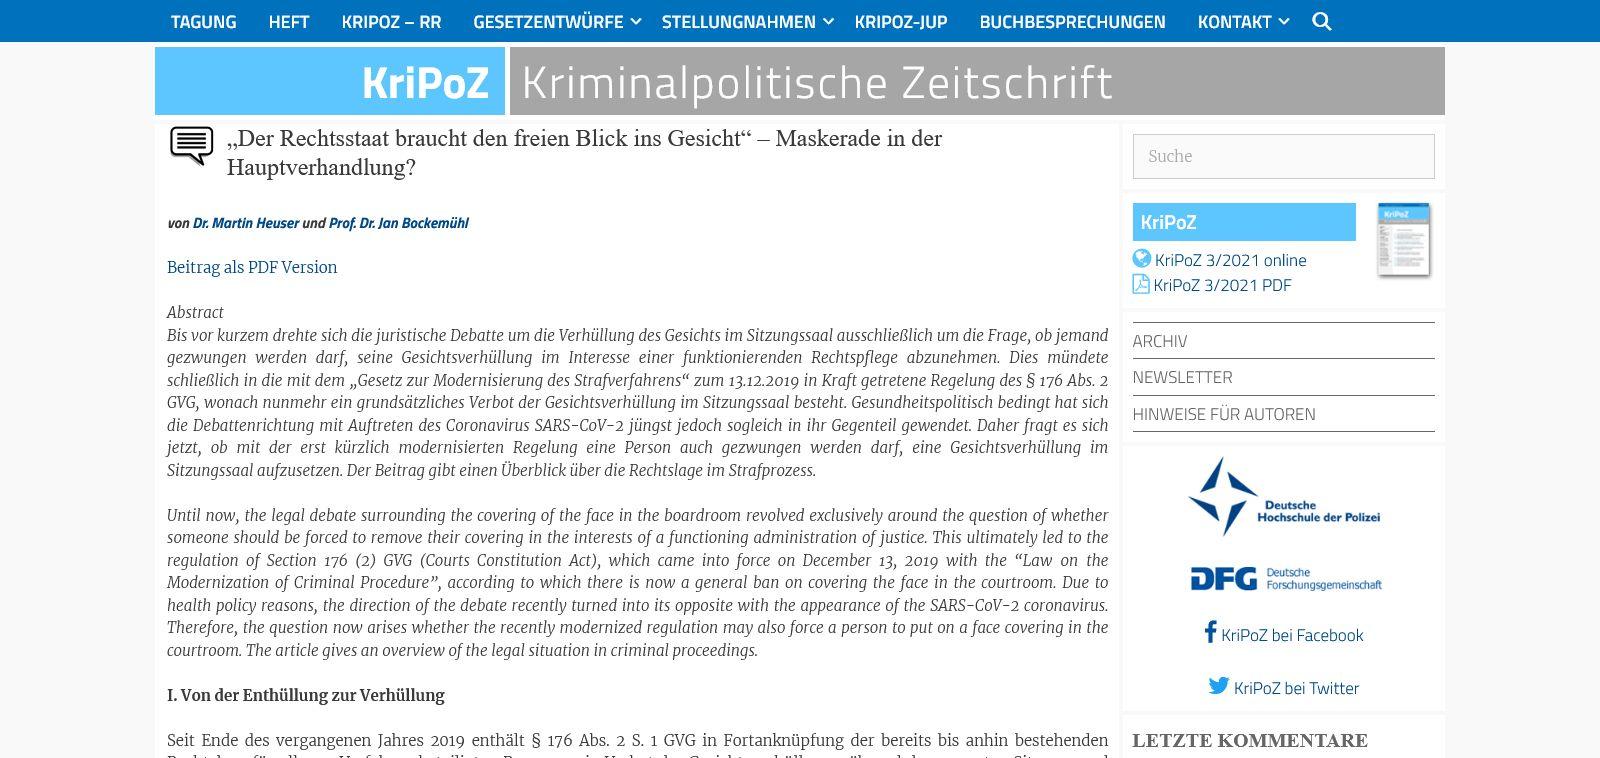 https://www.clemensheni.net/wp-content/uploads/2021/06/FireShot-Screen-Capture-7723-%E2%80%9EDer-Rechtsstaat-braucht-den-freien-Blick-ins-Gesicht-%E2%80%93-Maskerade-in-der-Hauptverhandlung_-%E2%80%93-KriPoZ-kripoz.jpg